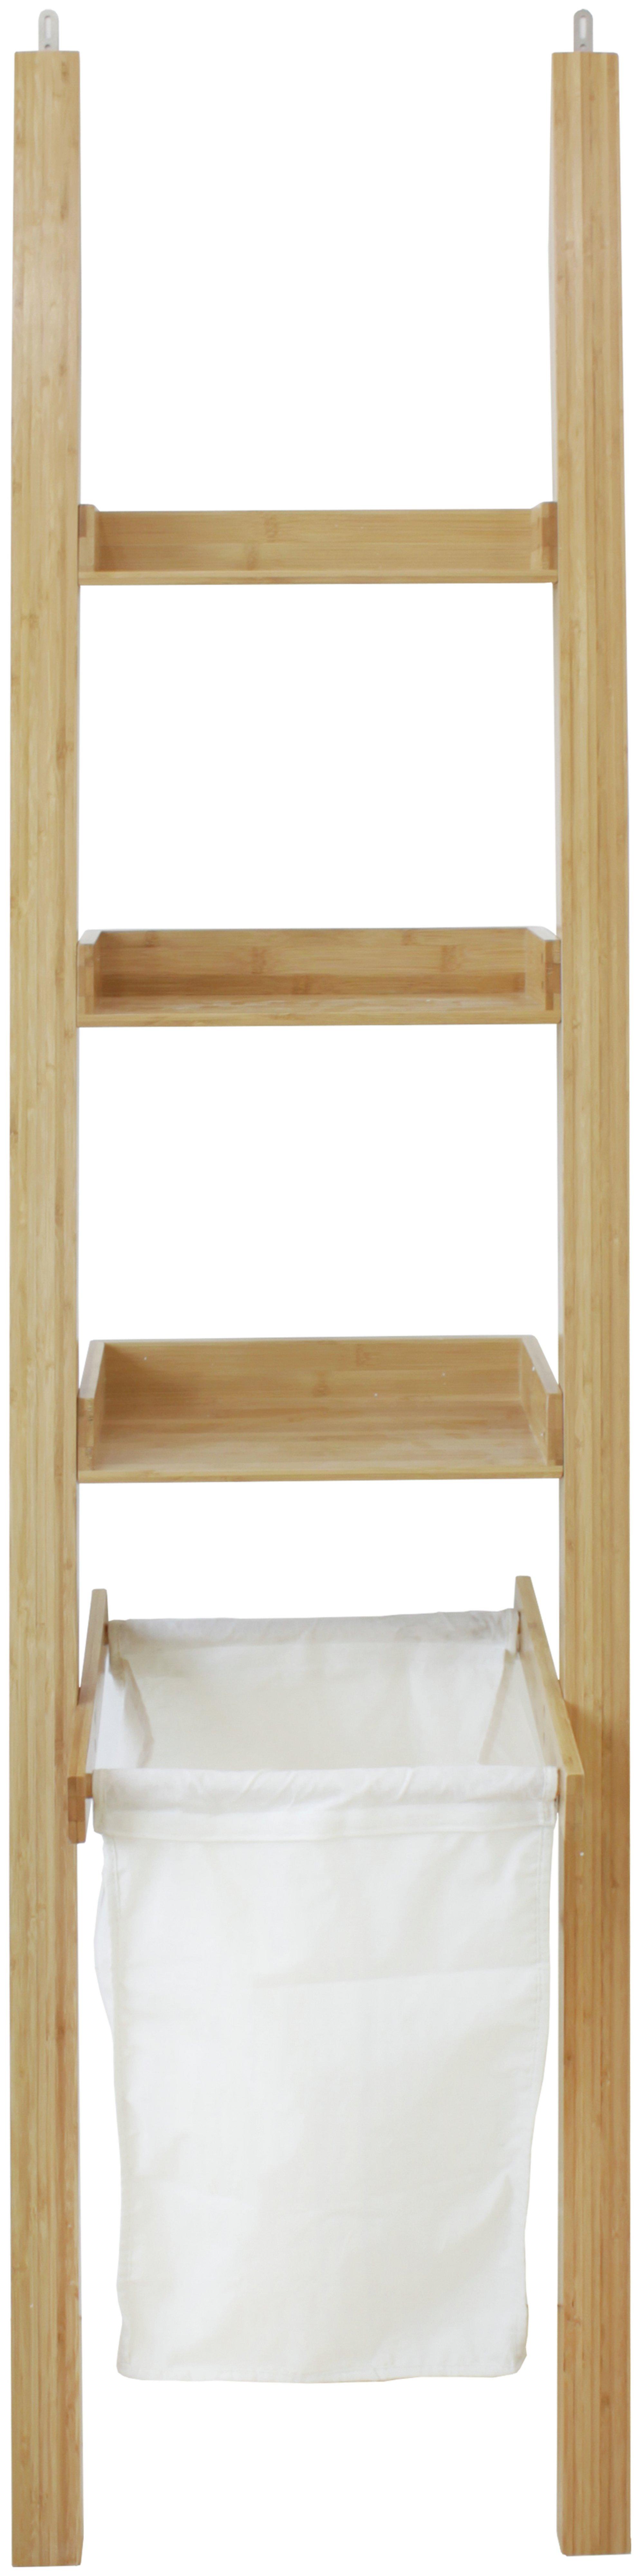 Bamboo Wooden Leaning Ladder Shelf Unit W/ Laundry Bin ...